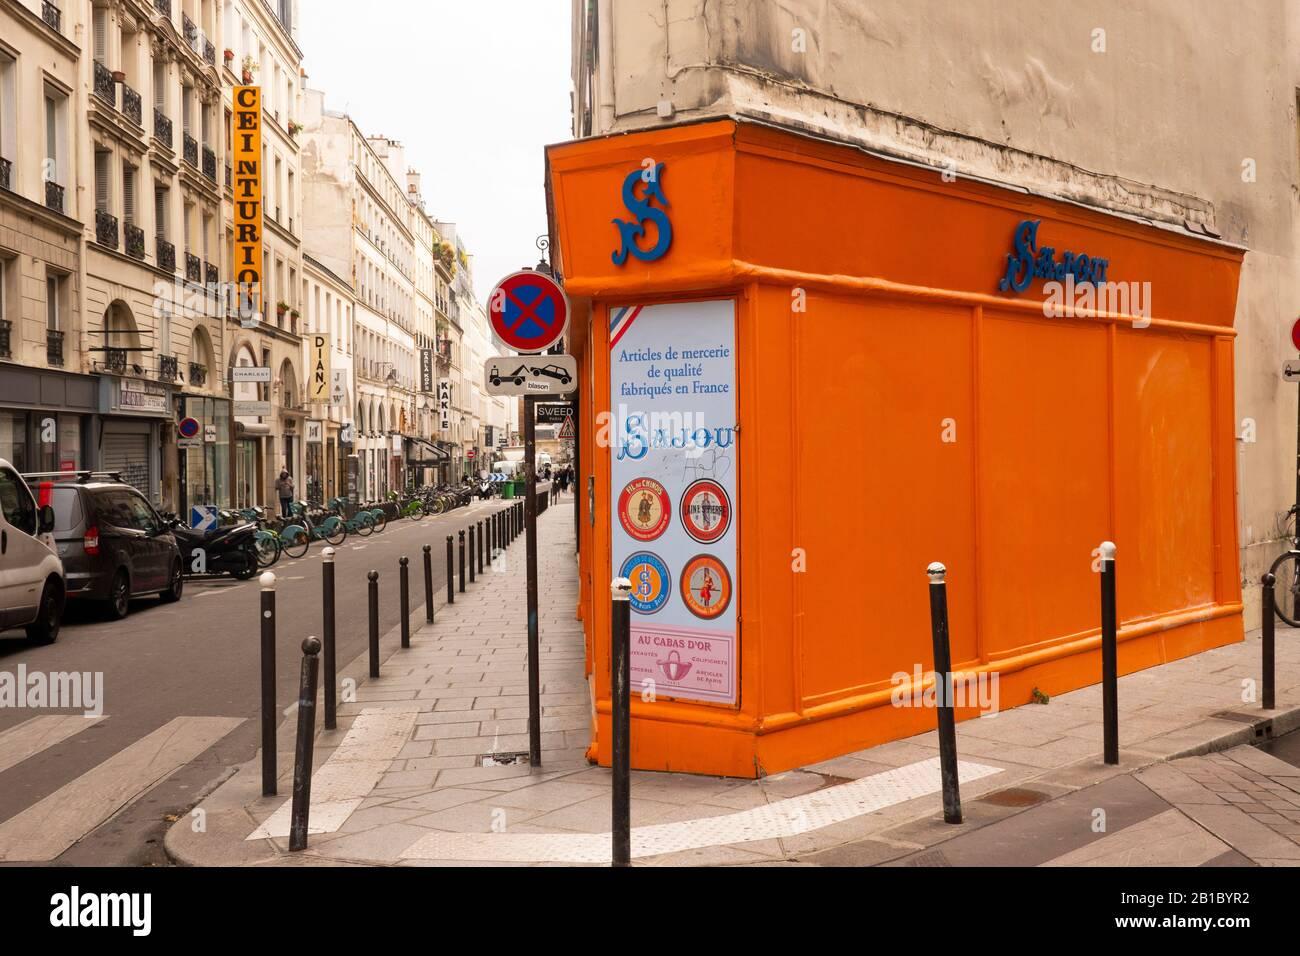 Maison Sajou Nähgeschäft Paris Frankreich Stockfoto